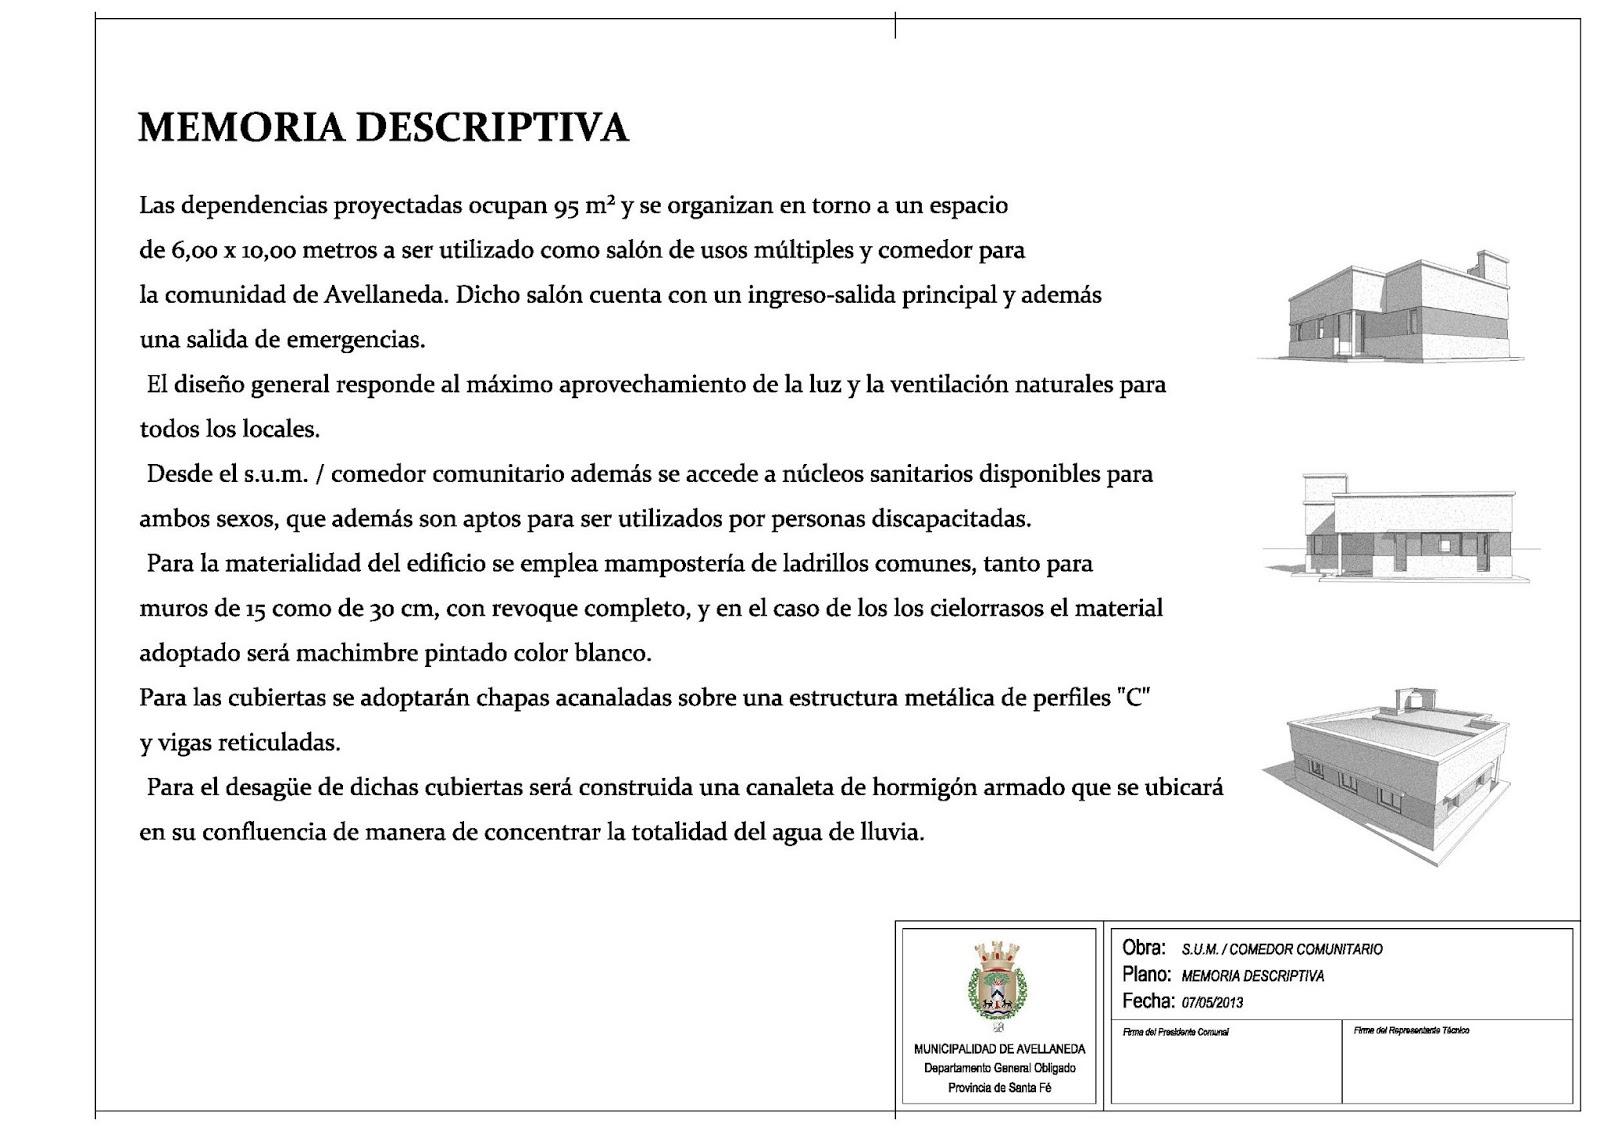 Resumen proyectos realizados s u m comedor comunitario for Proyecto comedor comunitario pdf